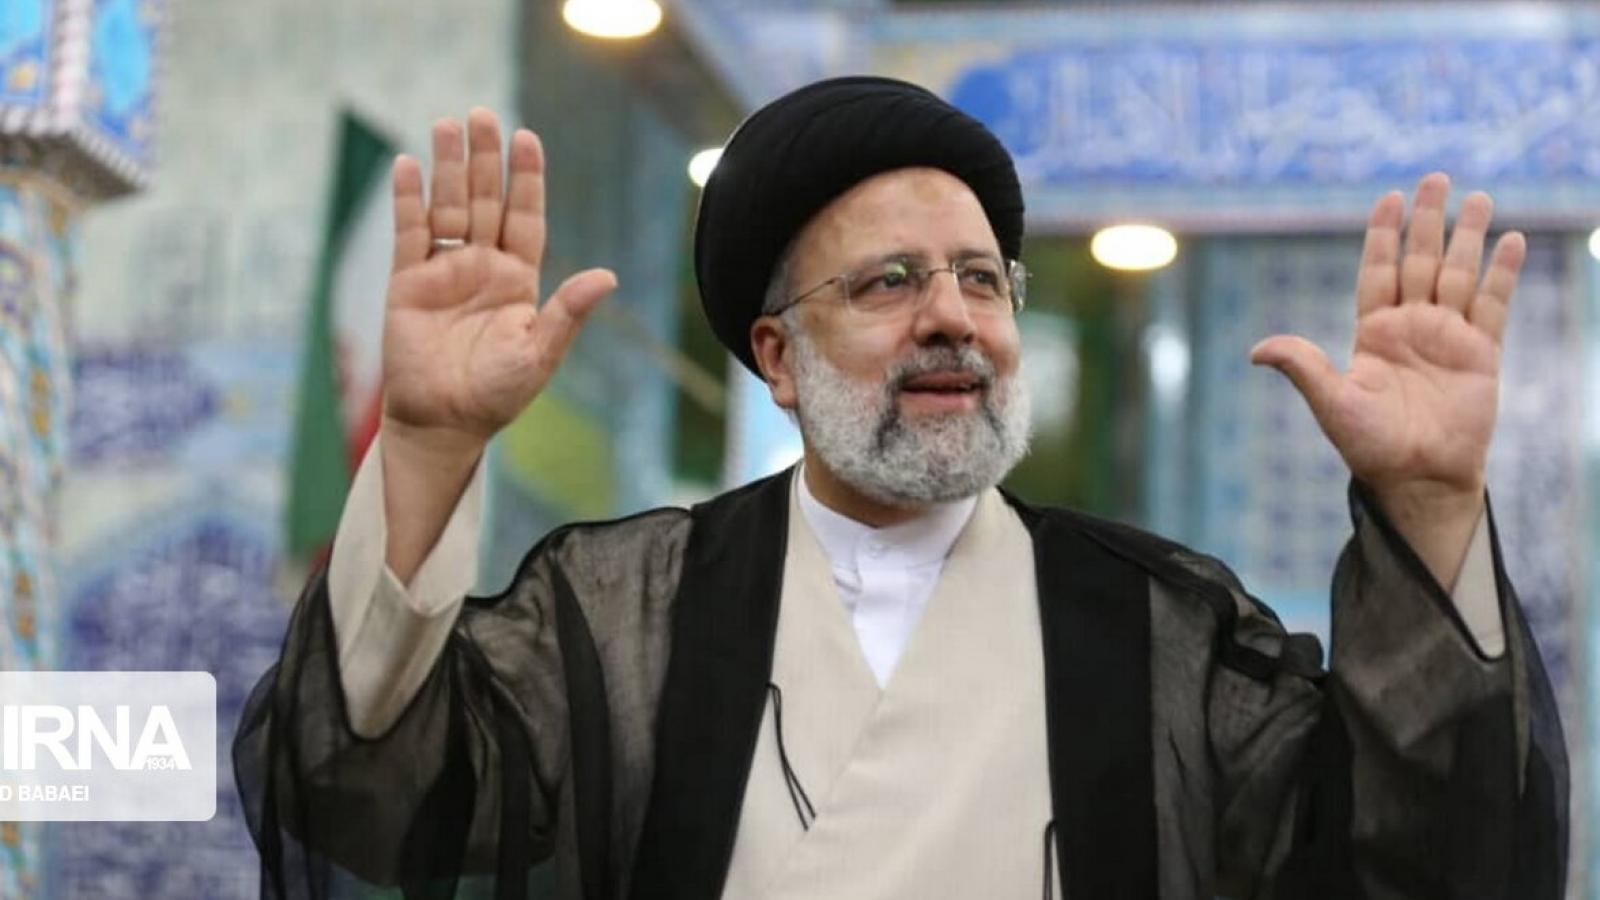 Ứng cử viên Ebrahim Raisi đang dẫn đầu cuộc bầu cử tổng thống Iran